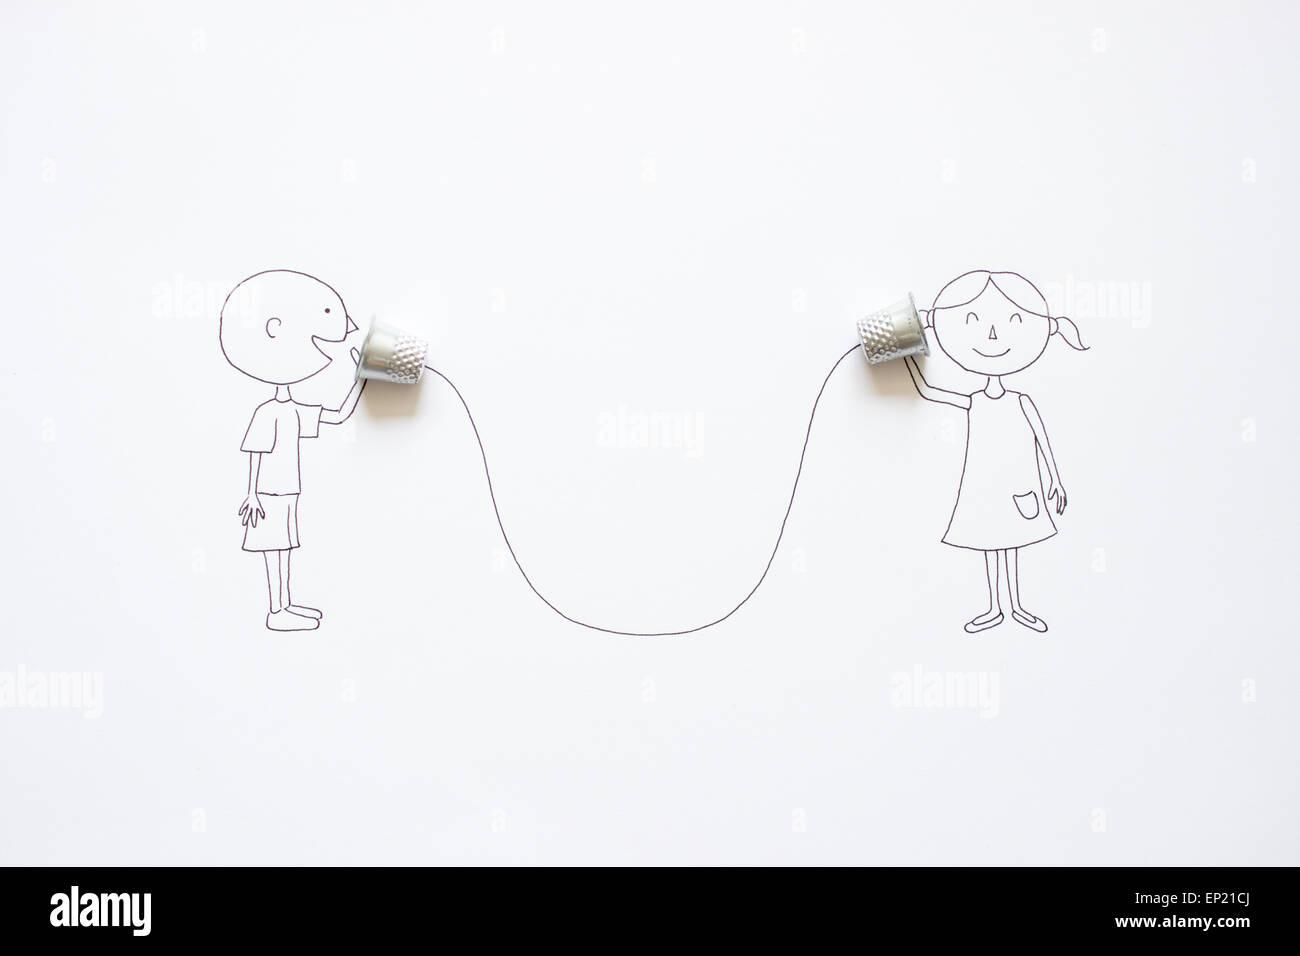 Chico y chica conceptual hablando con lata teléfonos Imagen De Stock